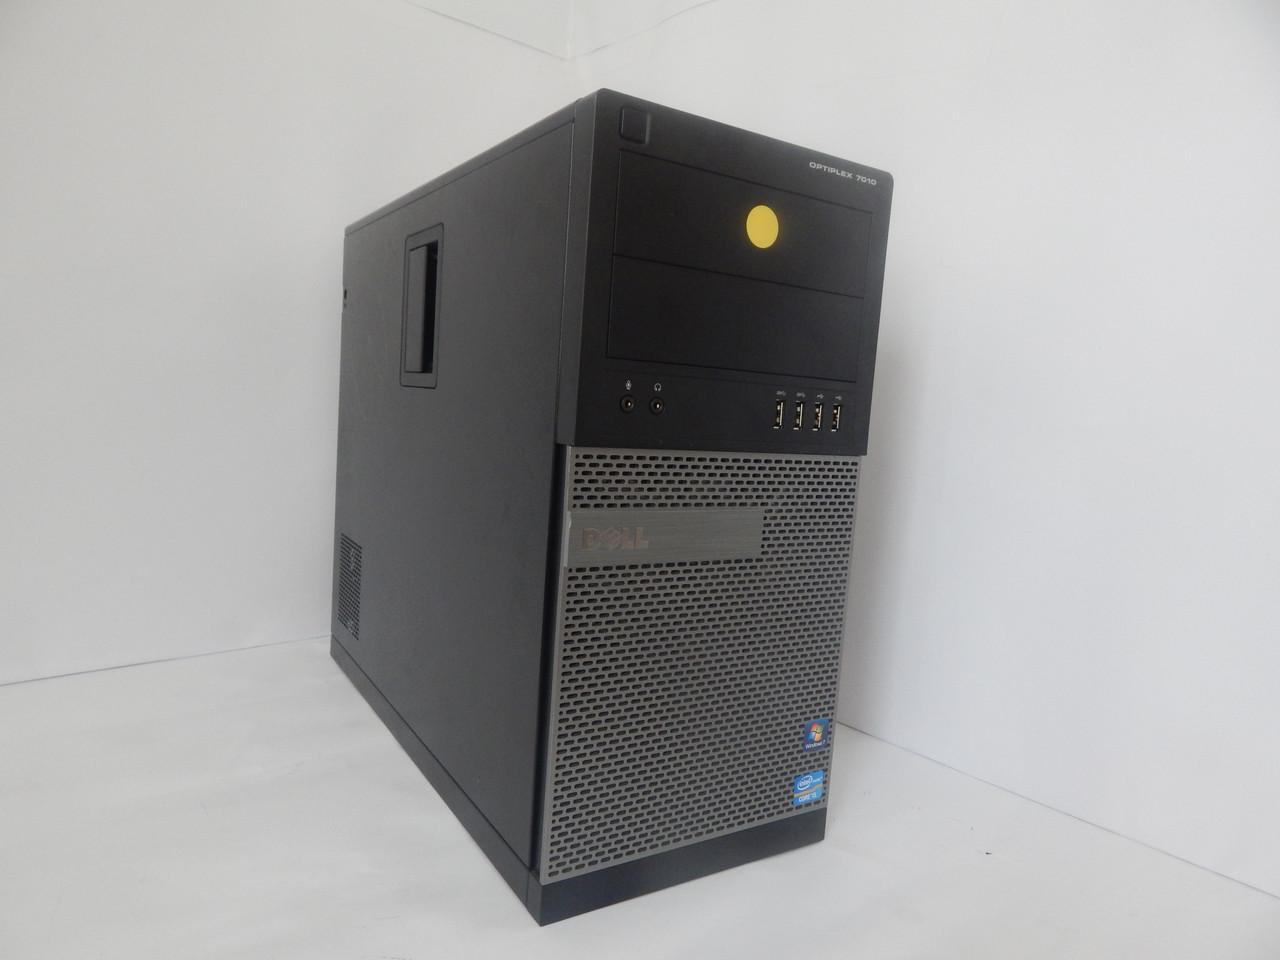 Системный блок Dell 7010 MT G2030 4RAM USB 3.0 Сокет 1155 компьютер